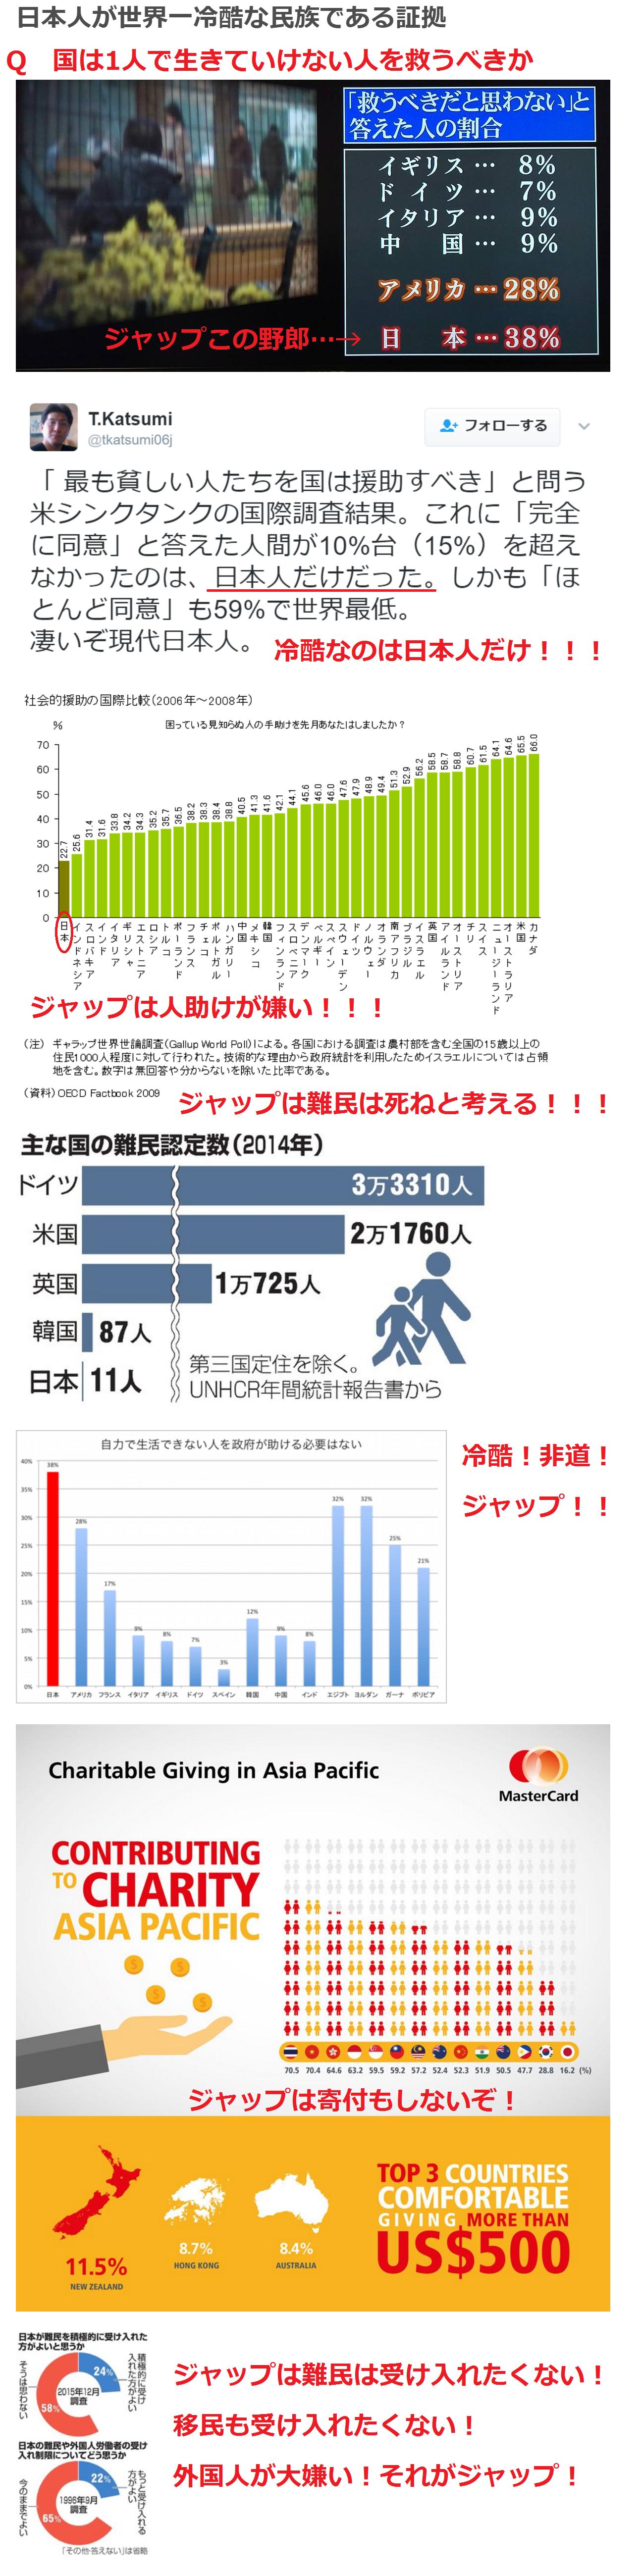 f:id:JAPbuster:20170308024926p:plain